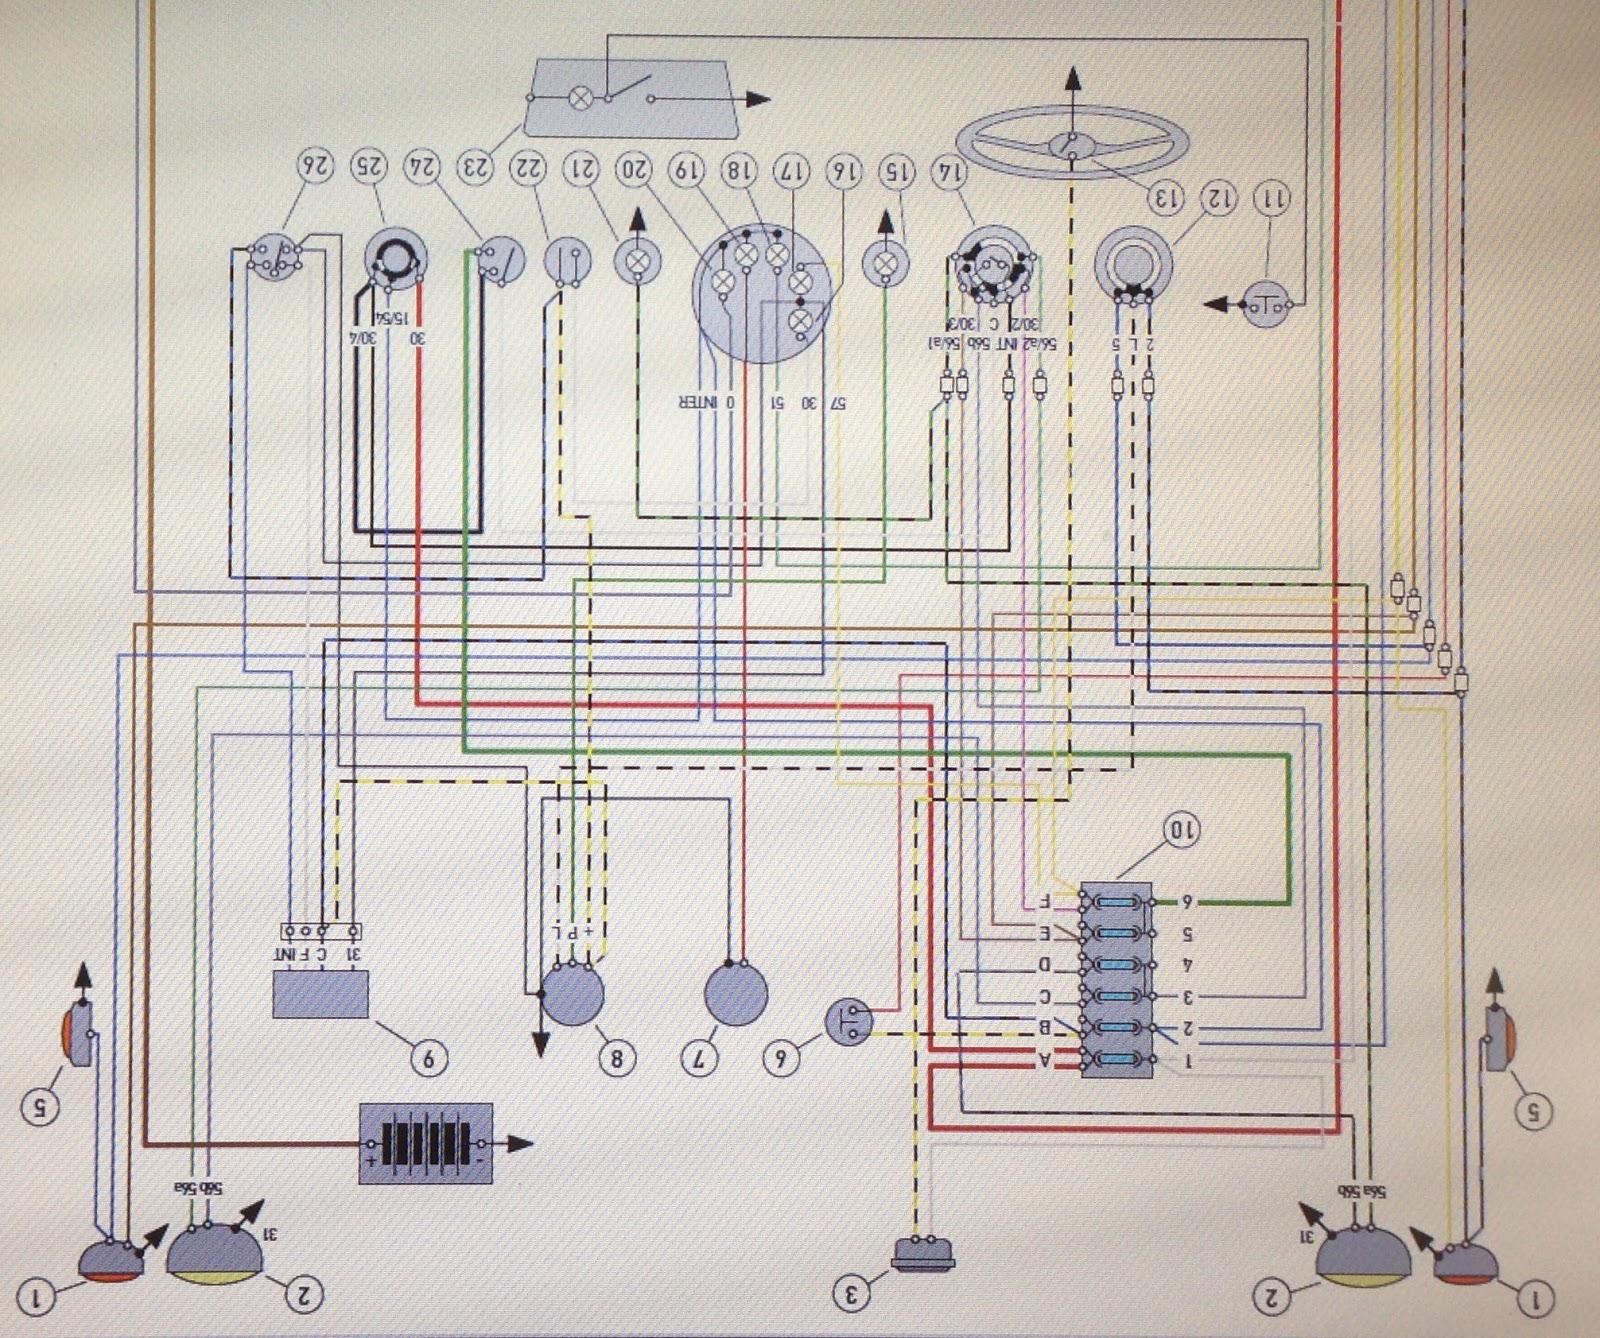 Wonderful Fiat Spider Wiring Diagram Photos - Best Image Schematics ...